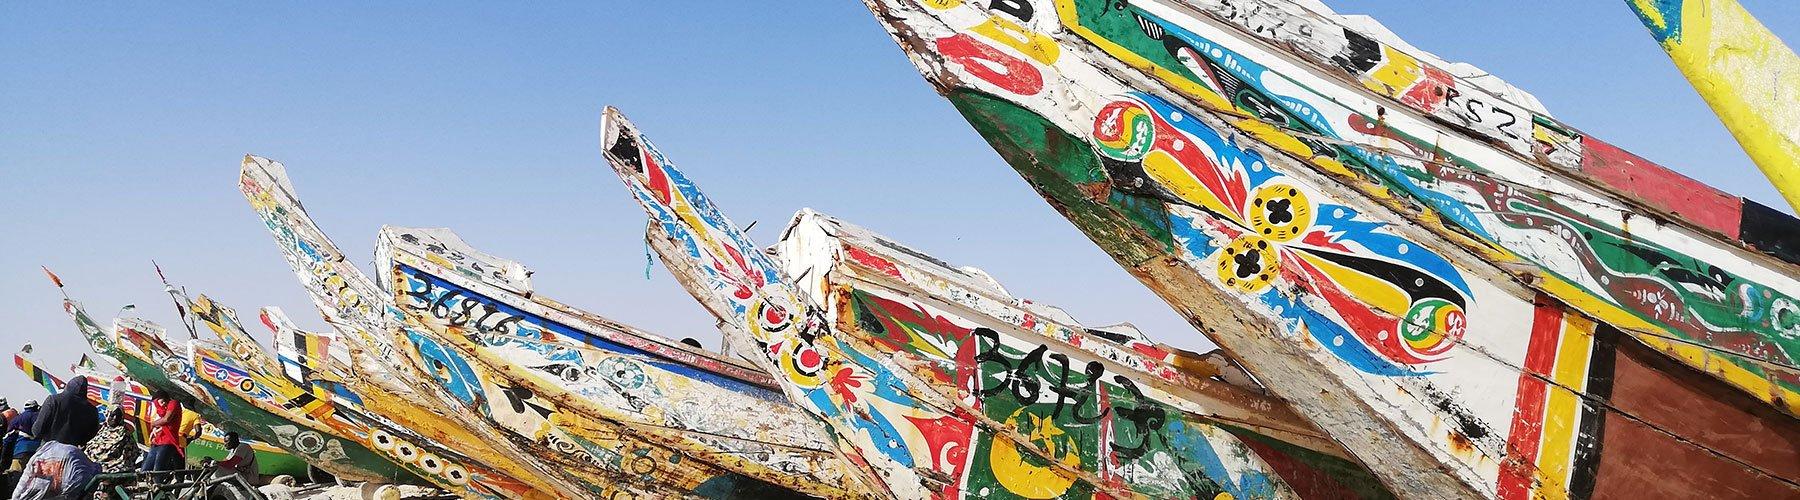 Viaggio fotografico in Mauritania - Beetourist - viaggi disegnati da viaggiatori per viaggiatori - Africa - Marco Simoni - Explored